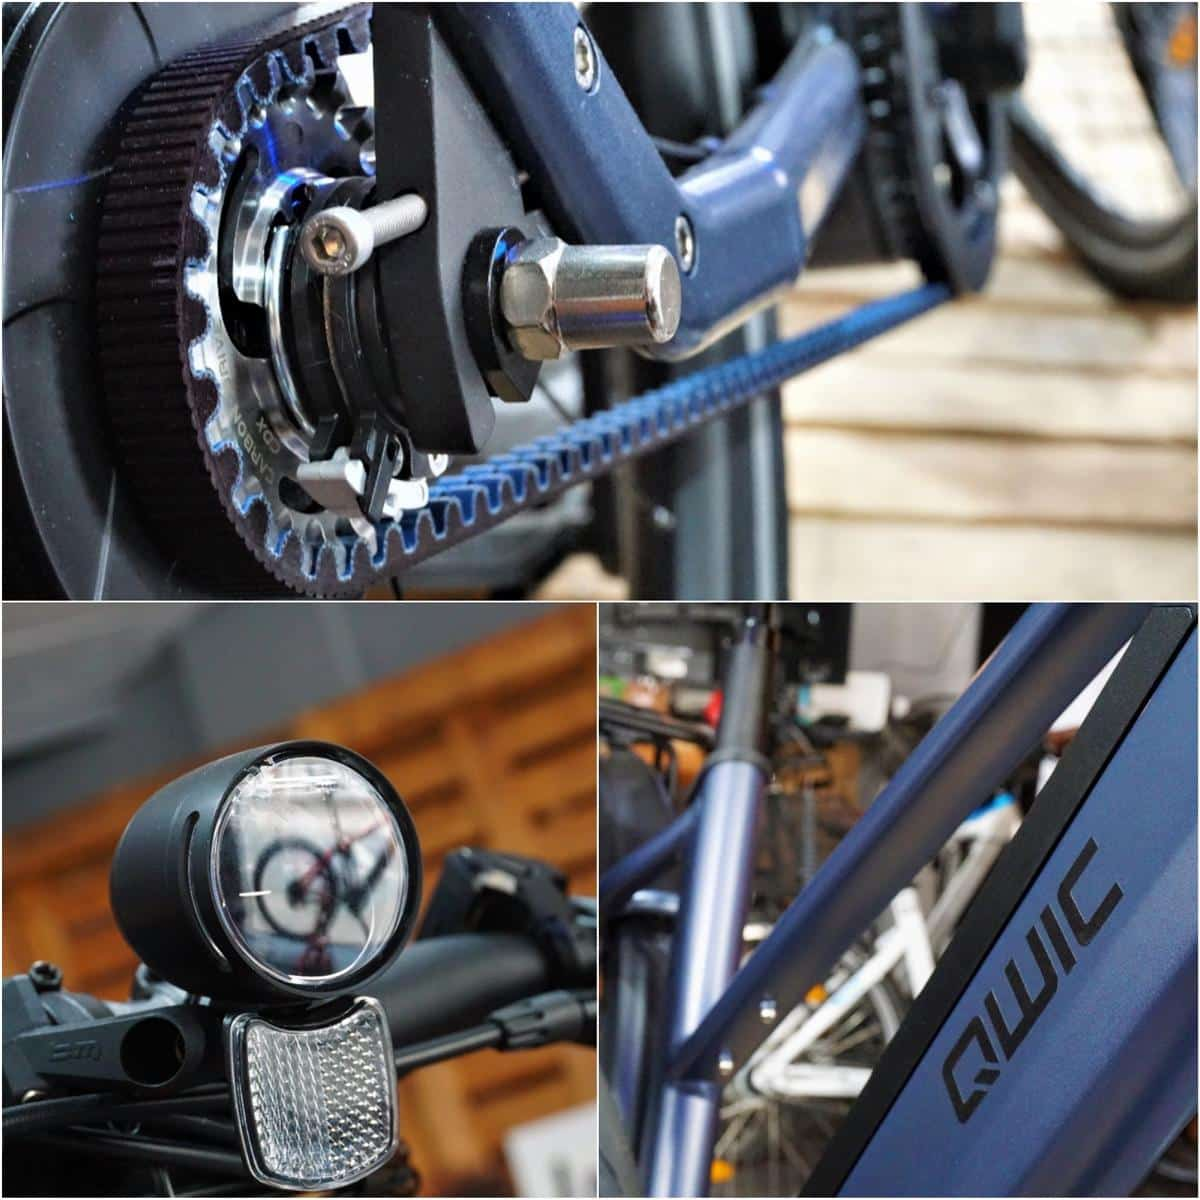 Style Hannover Radwechsel Collage 2 - Rad-Wechsel - Vollgas mit Elektroantrieb